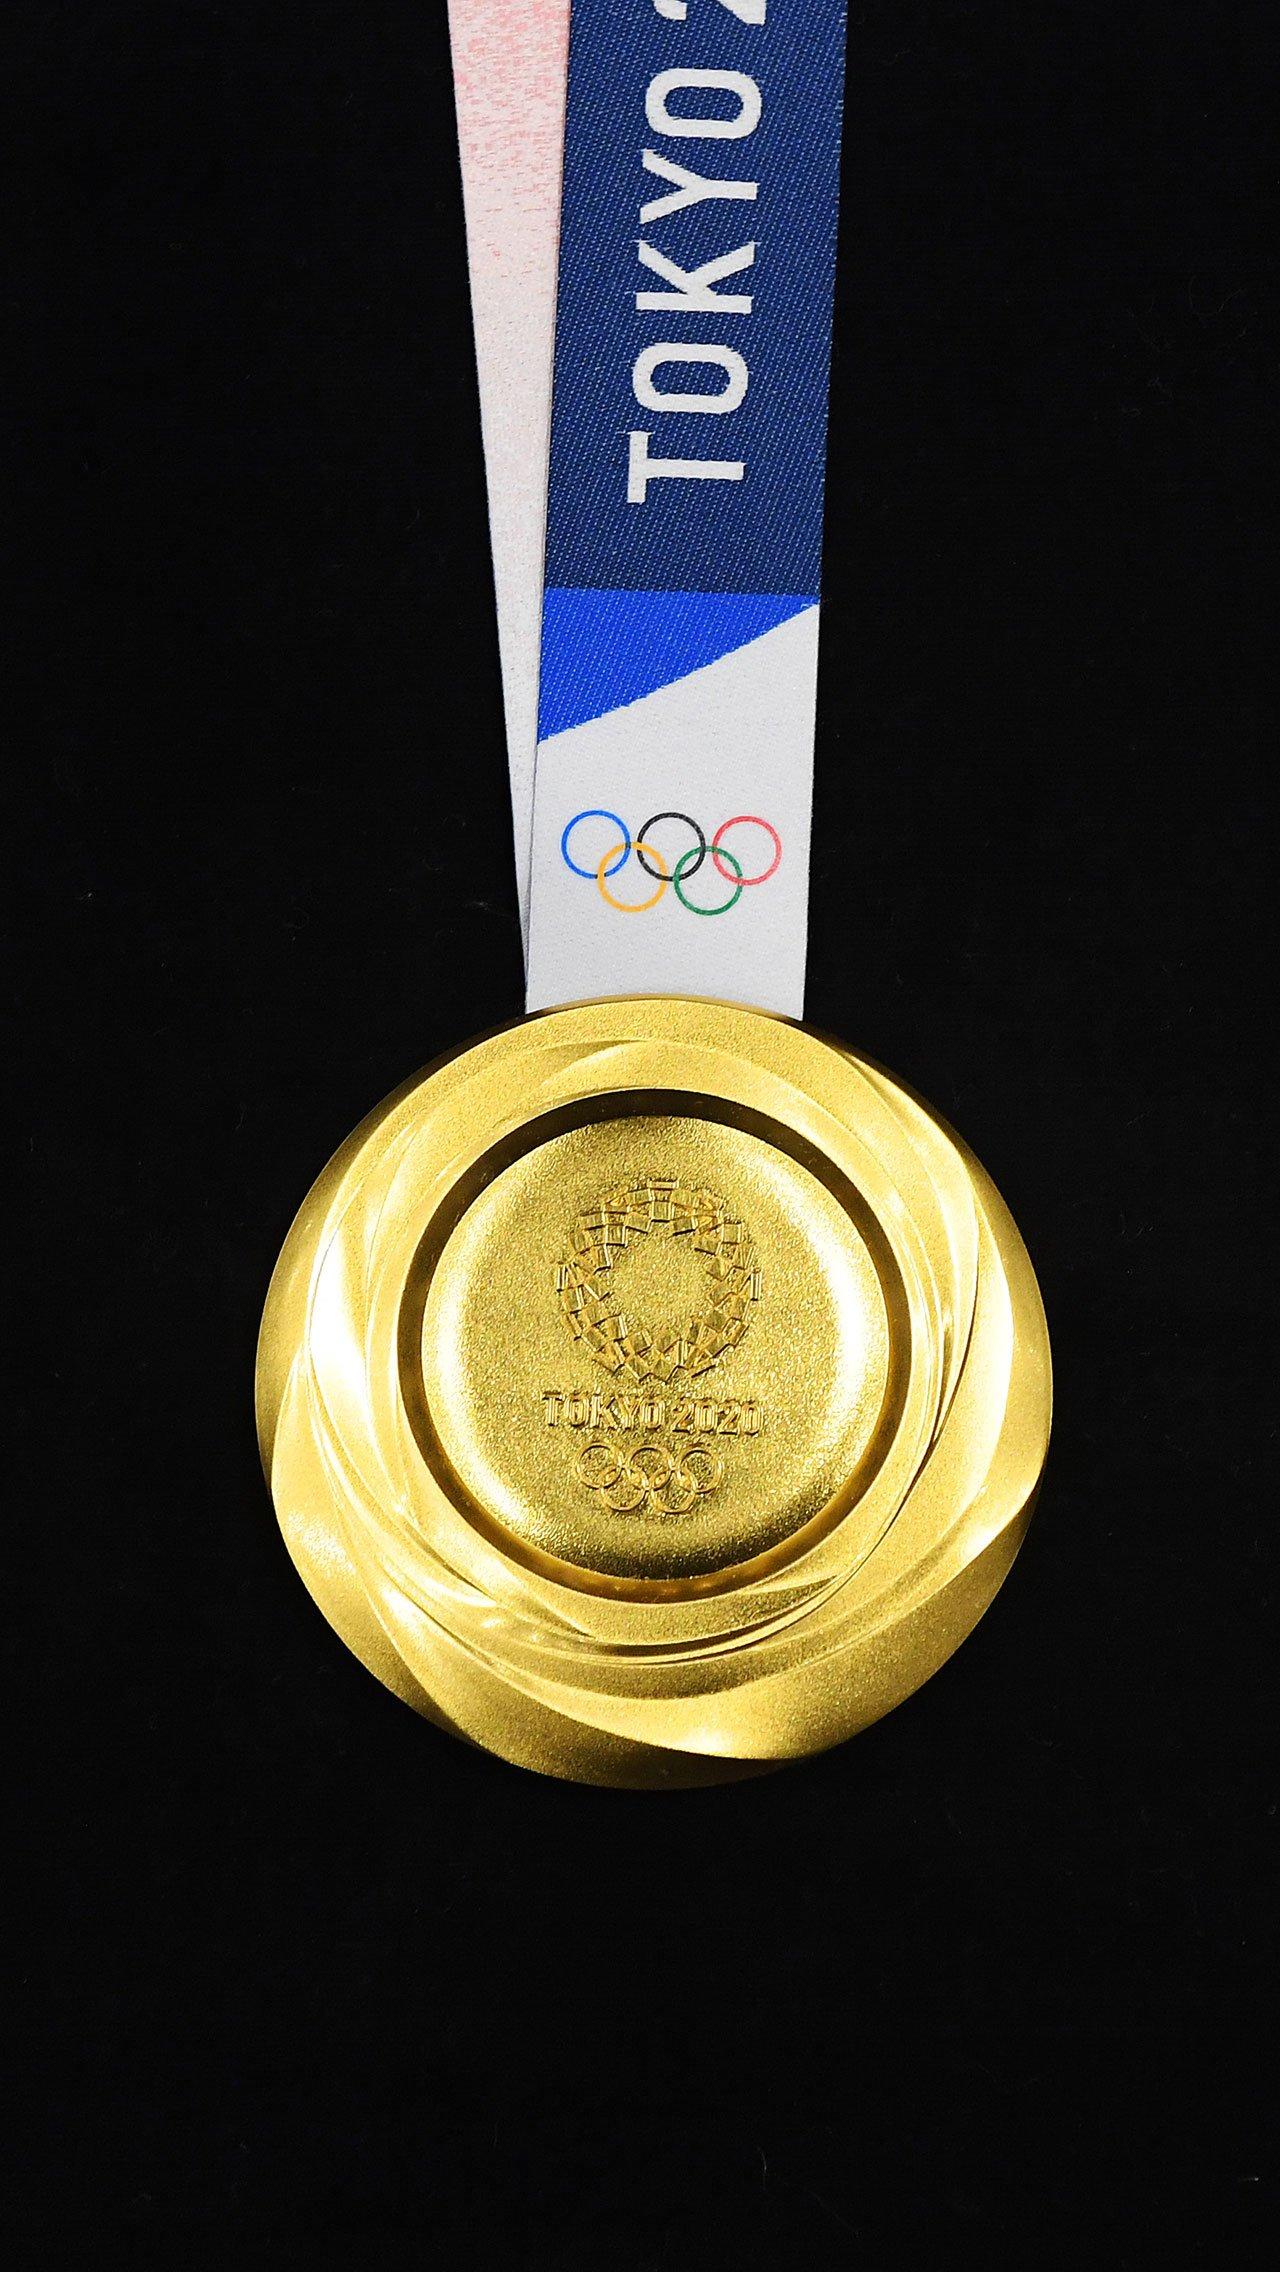 За месяц до старта Игр в Токио стало известно, какие призовые российские спортсмены получат за медали Олимпиады-2020. Де-факто, награда получается вдвое меньше, чем в 2012 году.